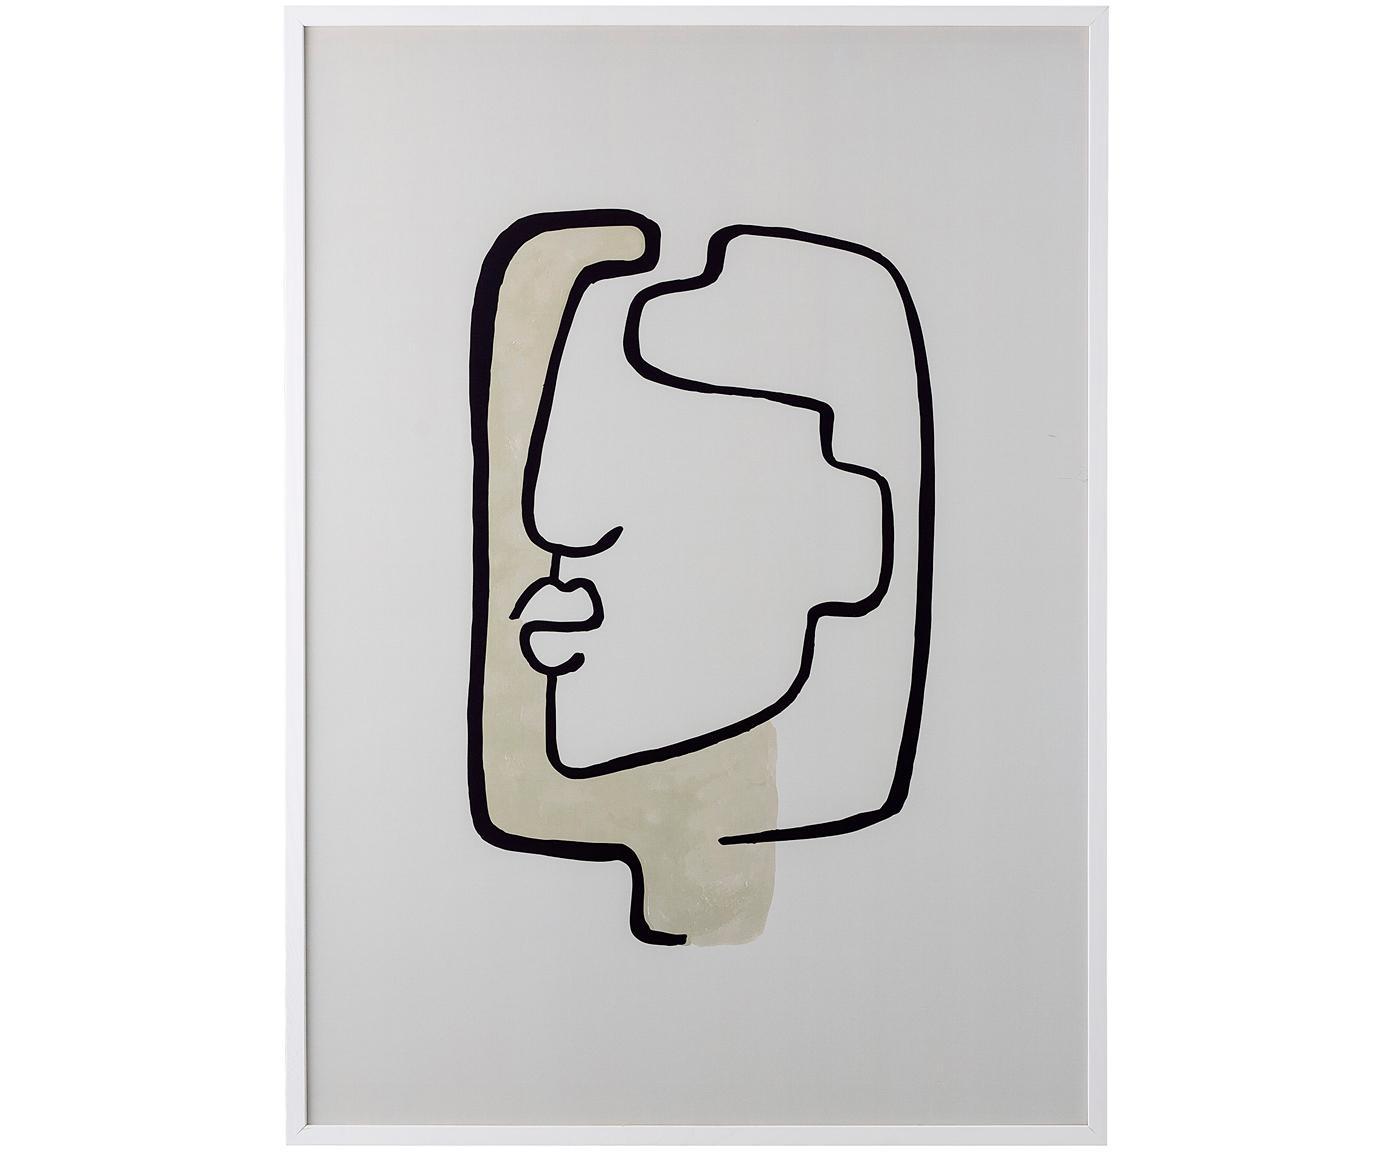 Gerahmter Digitaldruck Tessa, Rahmen: Holz, Bild: Papier, Beige, Weiß, Schwarz, 52 x 72 cm